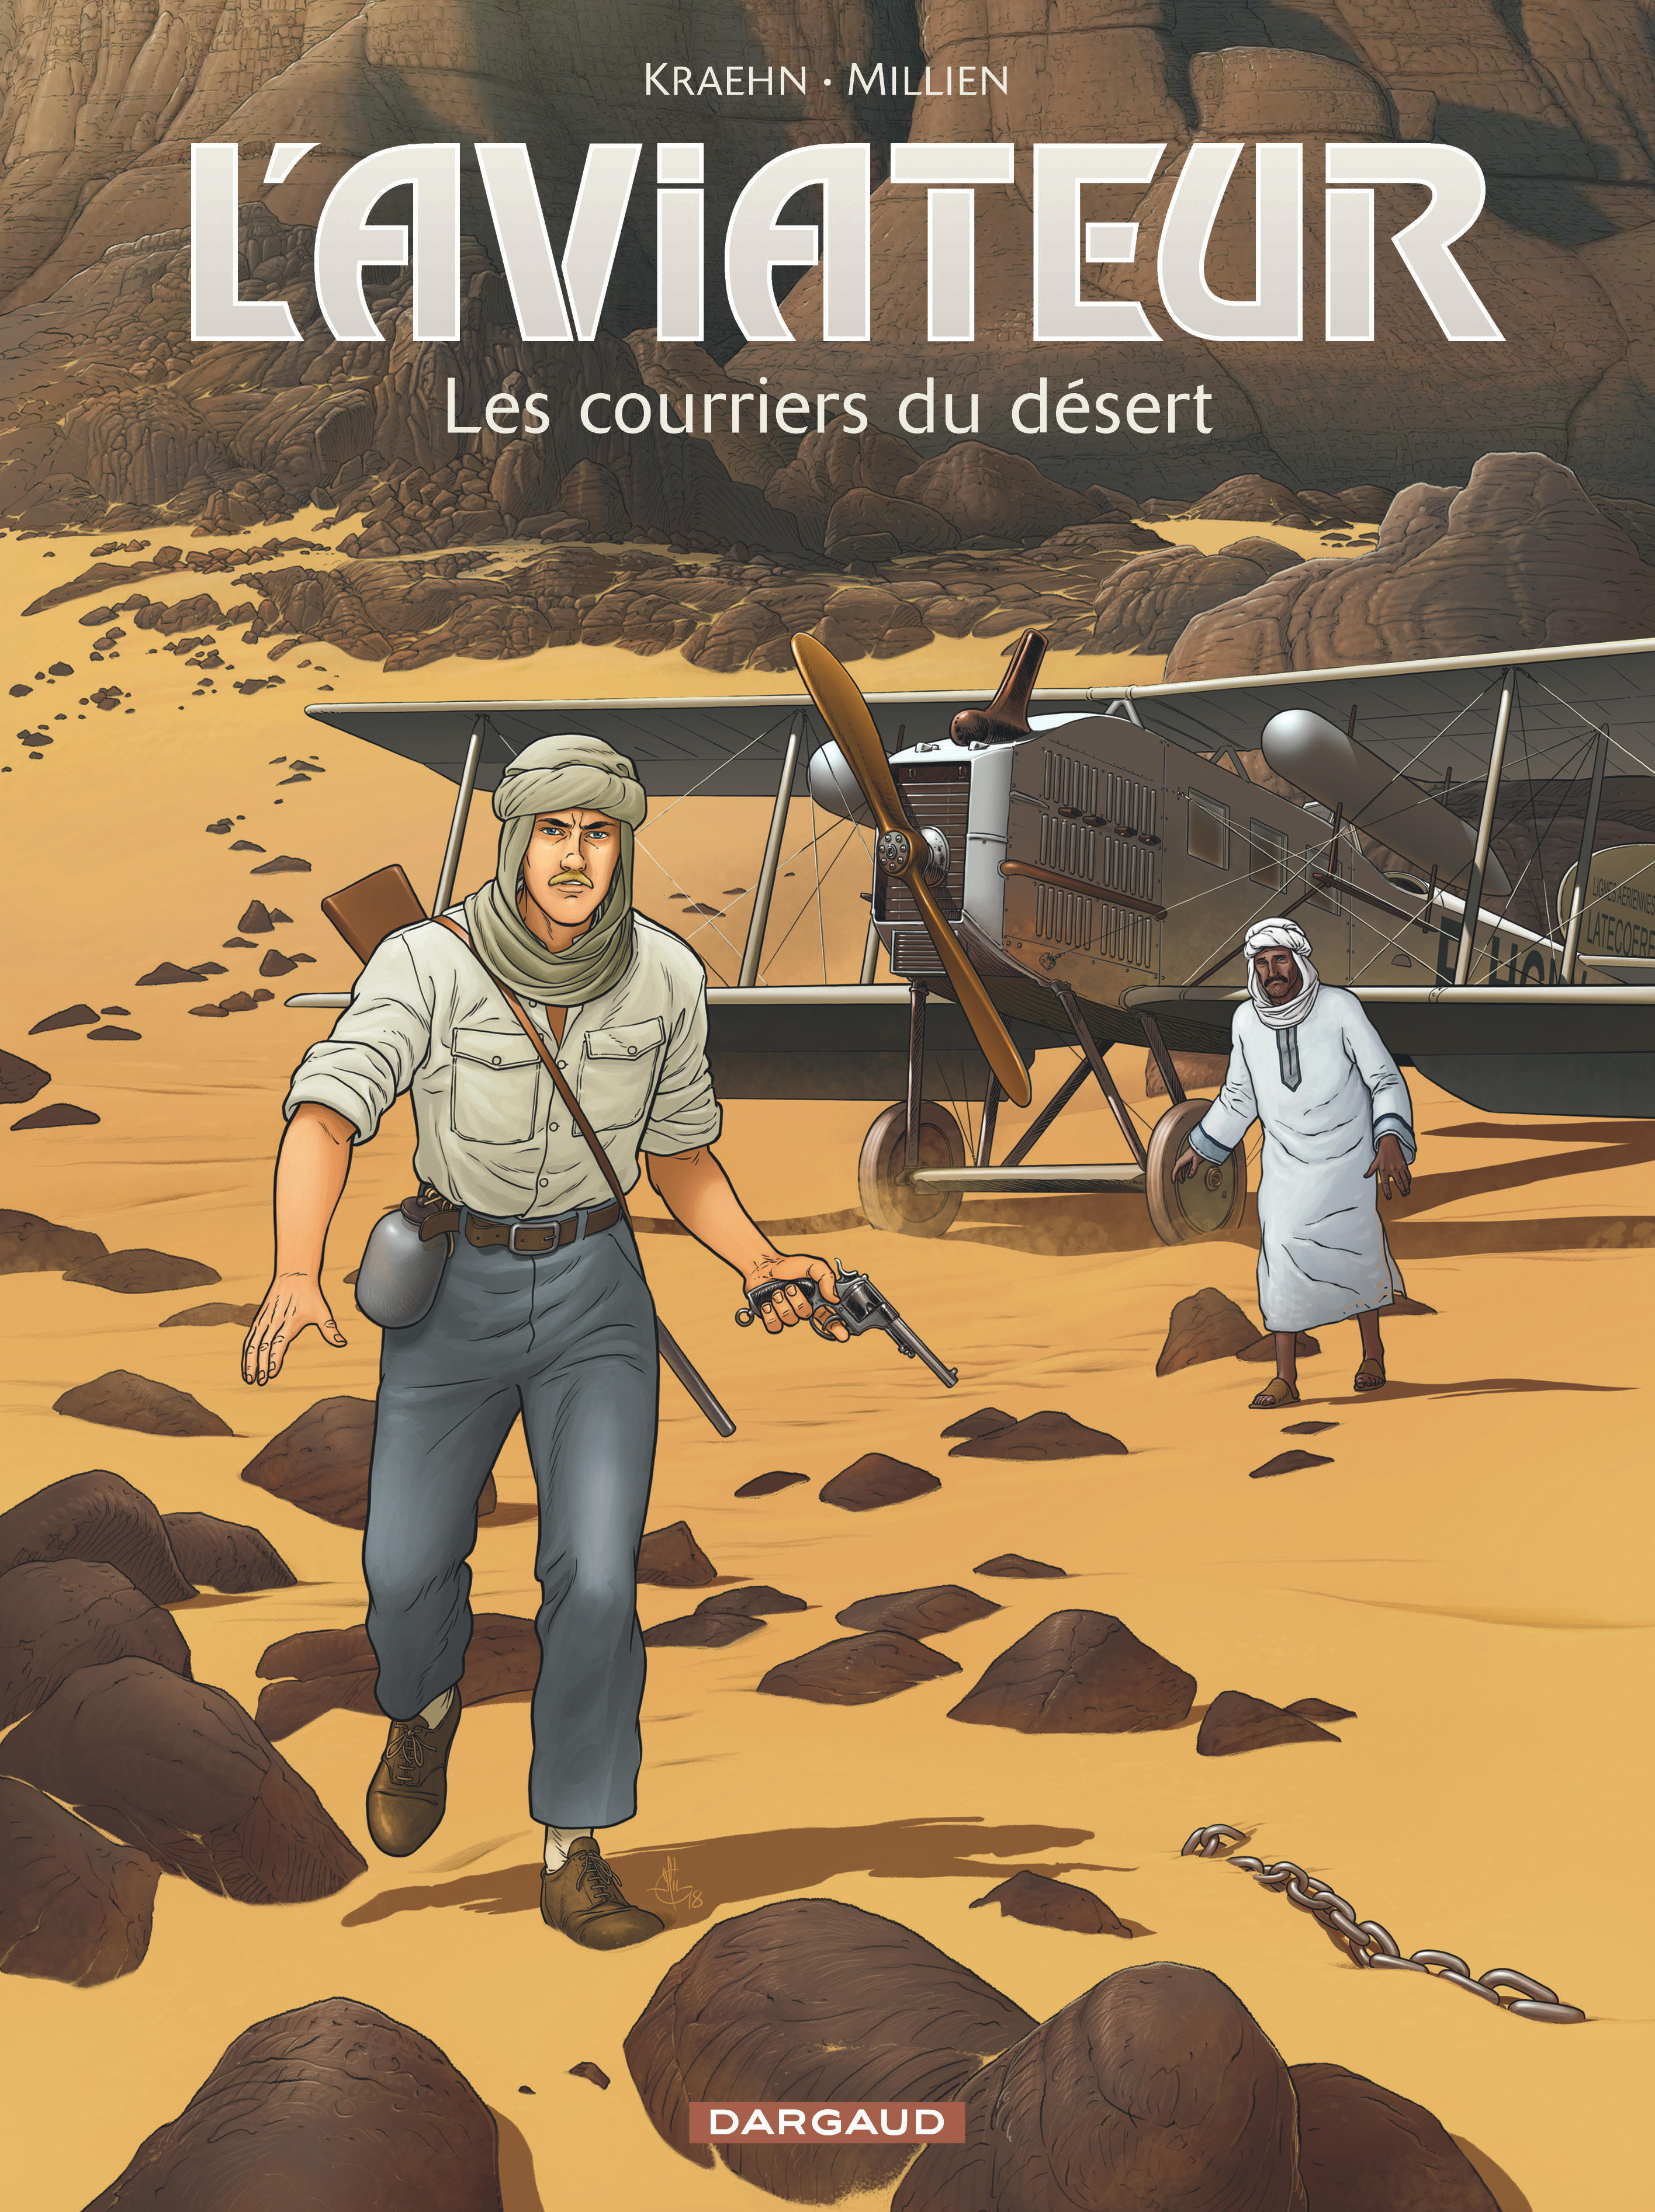 AVIATEUR (L') - TOME 3 - LES COURRIERS DU DESERT - L'AVIATEUR